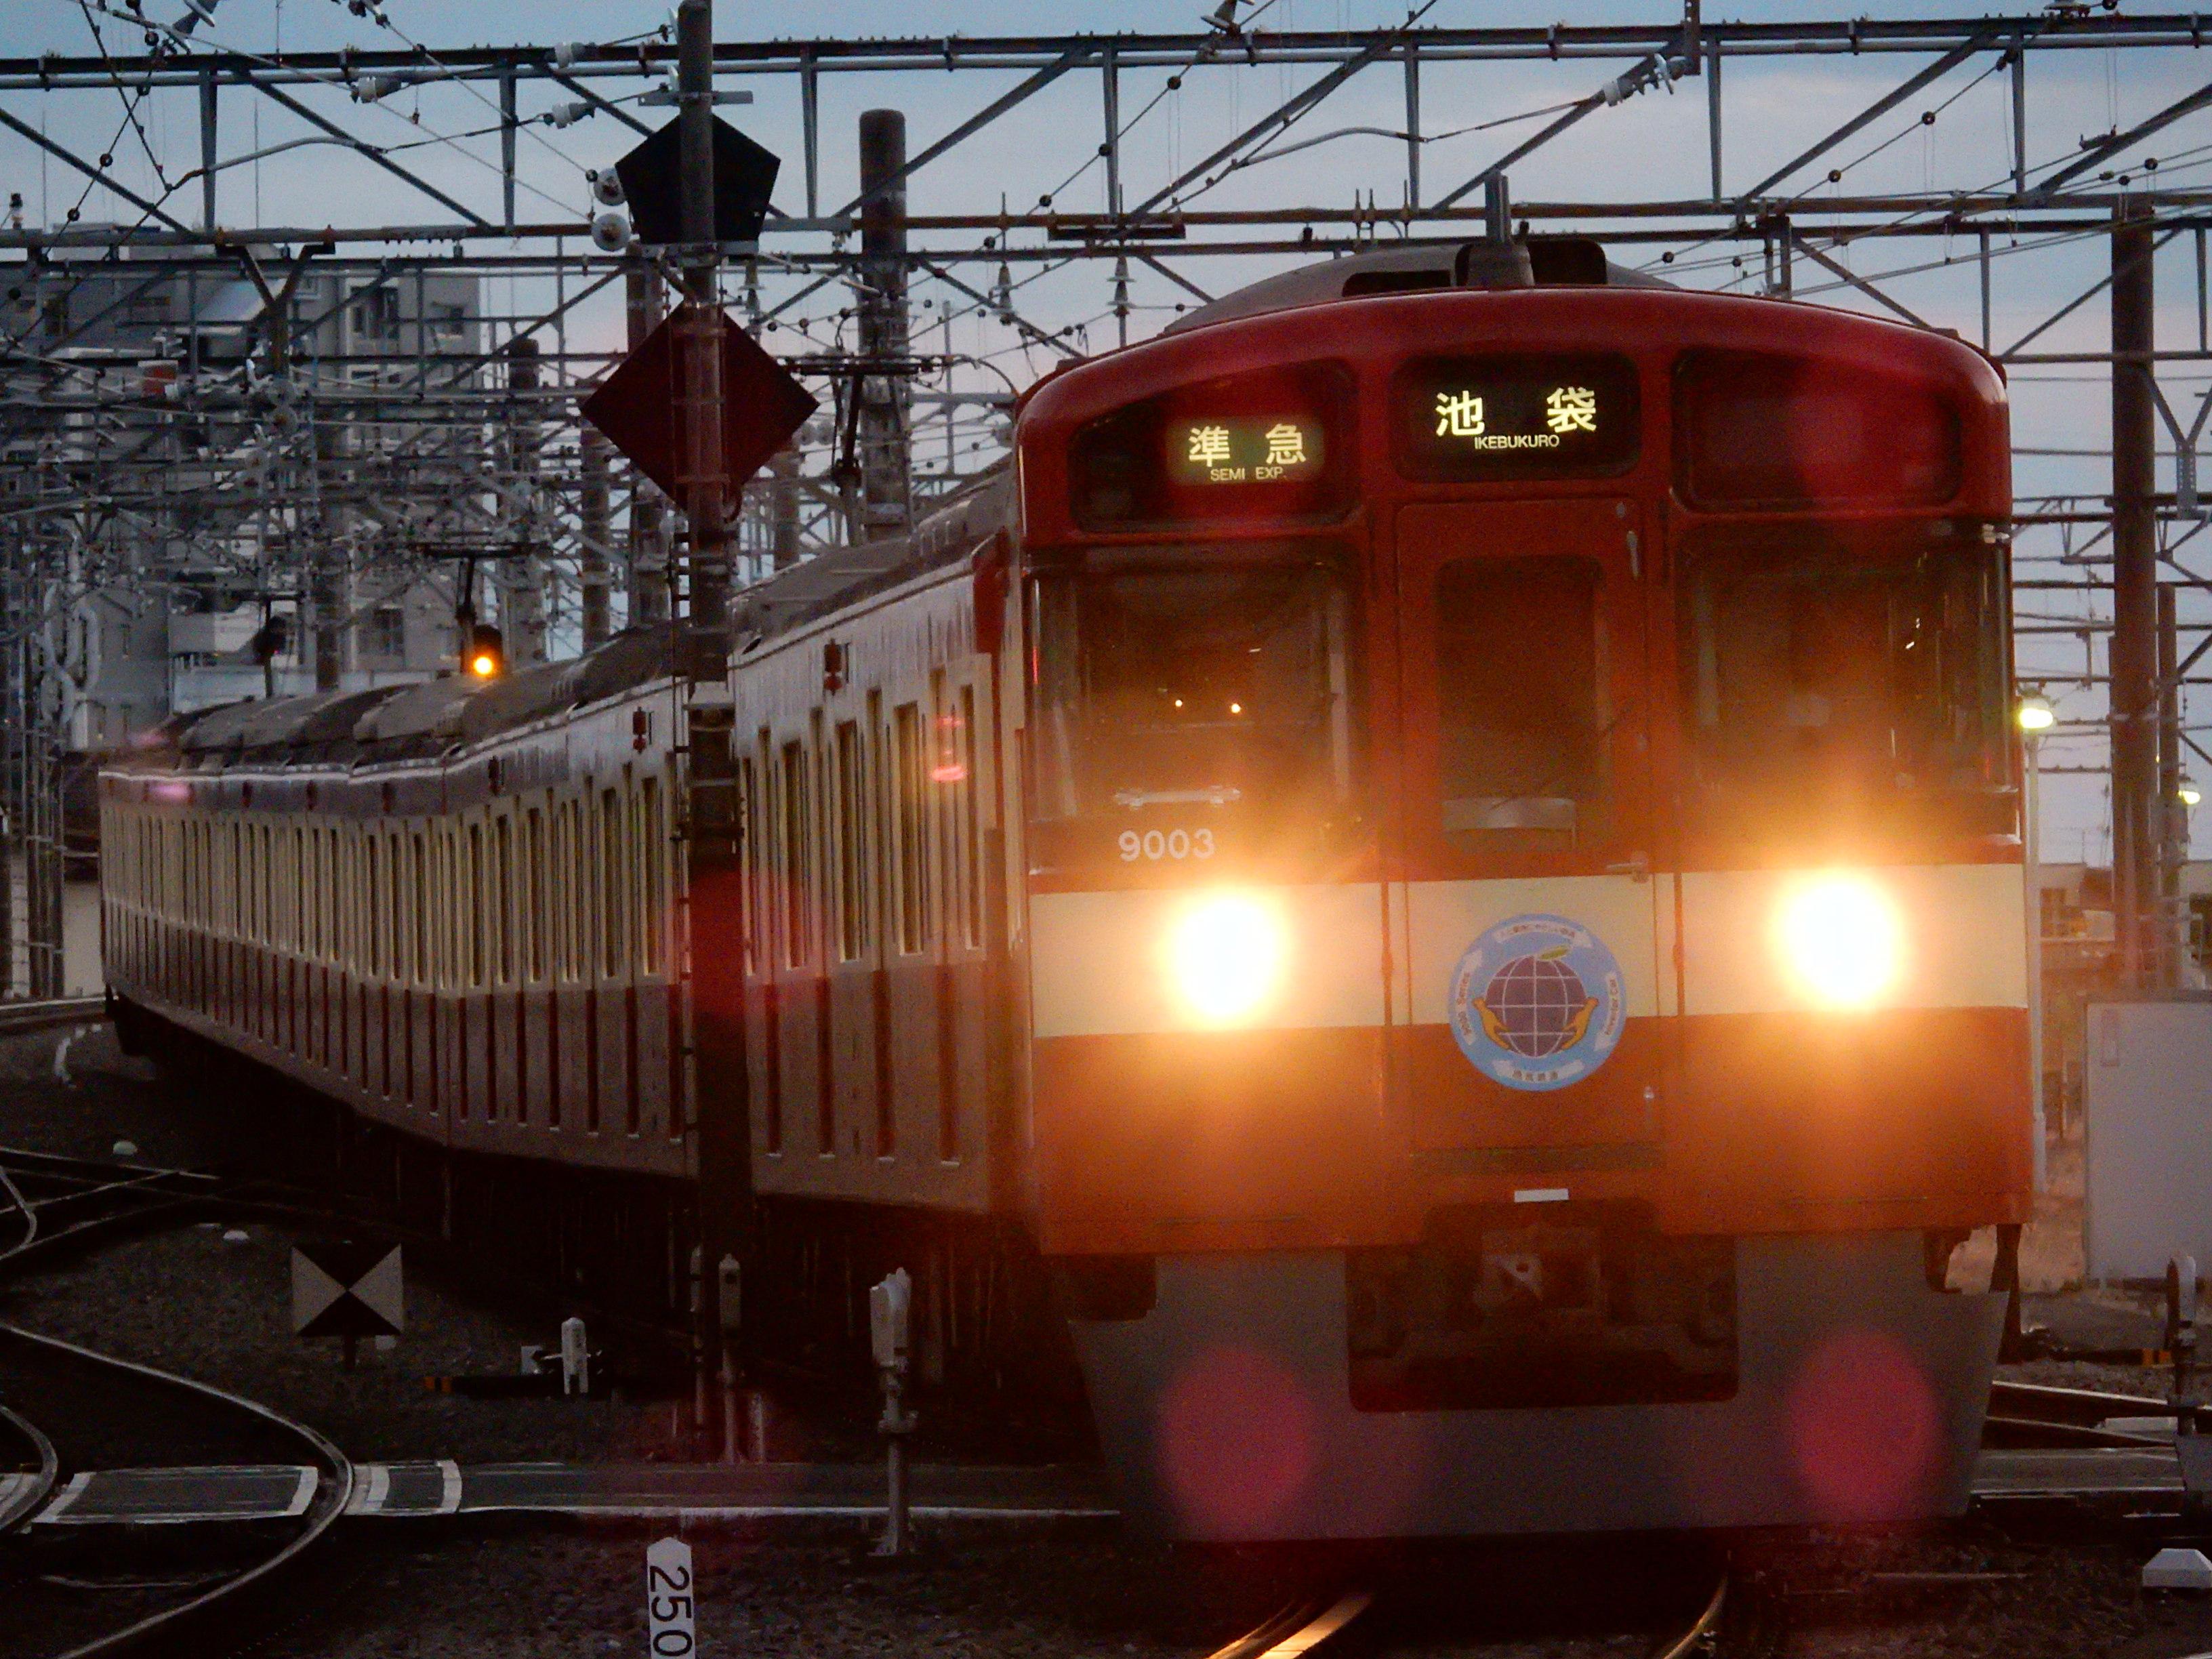 DSCN2700.jpg